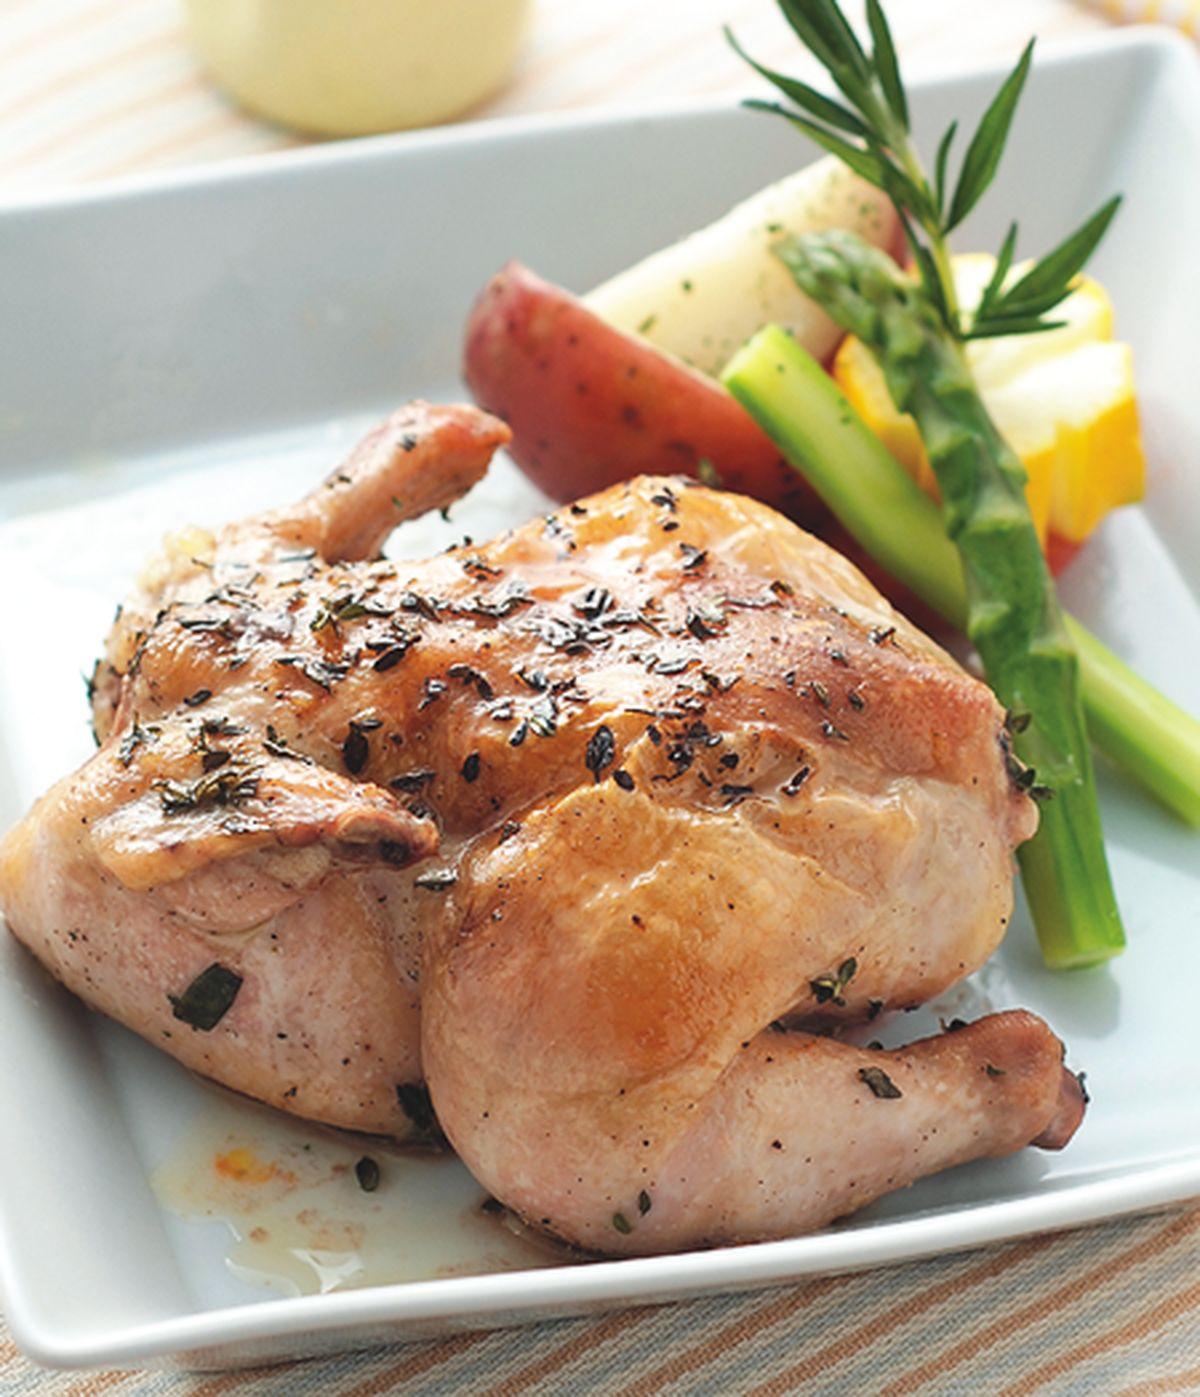 食譜:法式爐烤香料春雞